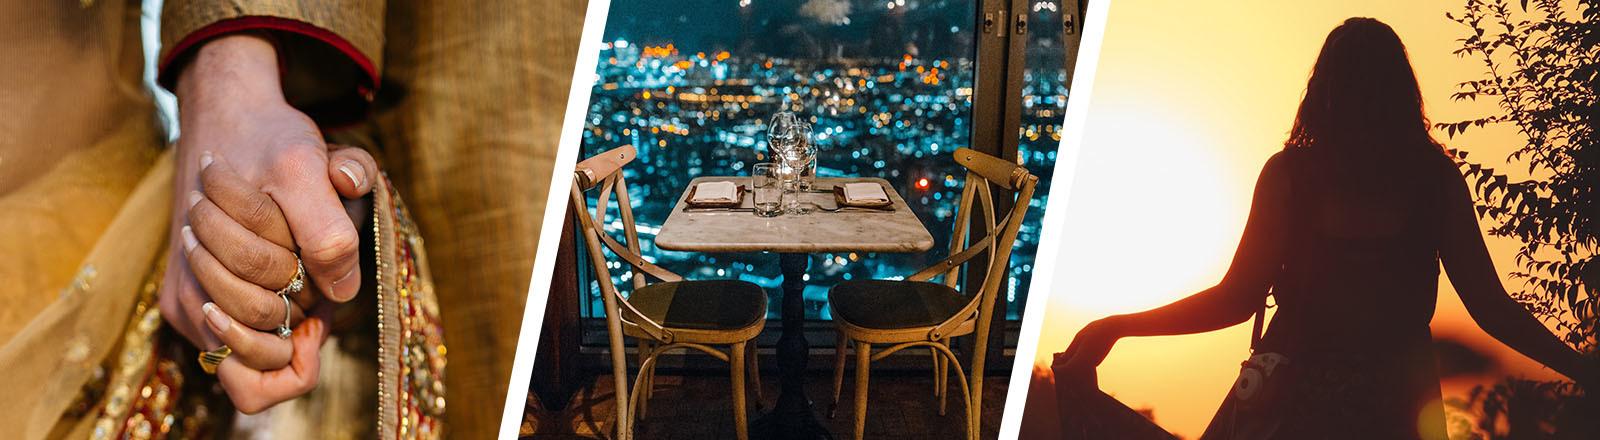 Collage: Paar halt Händchen, leerer Tisch, Frau tanzt im Sonnenuntergang